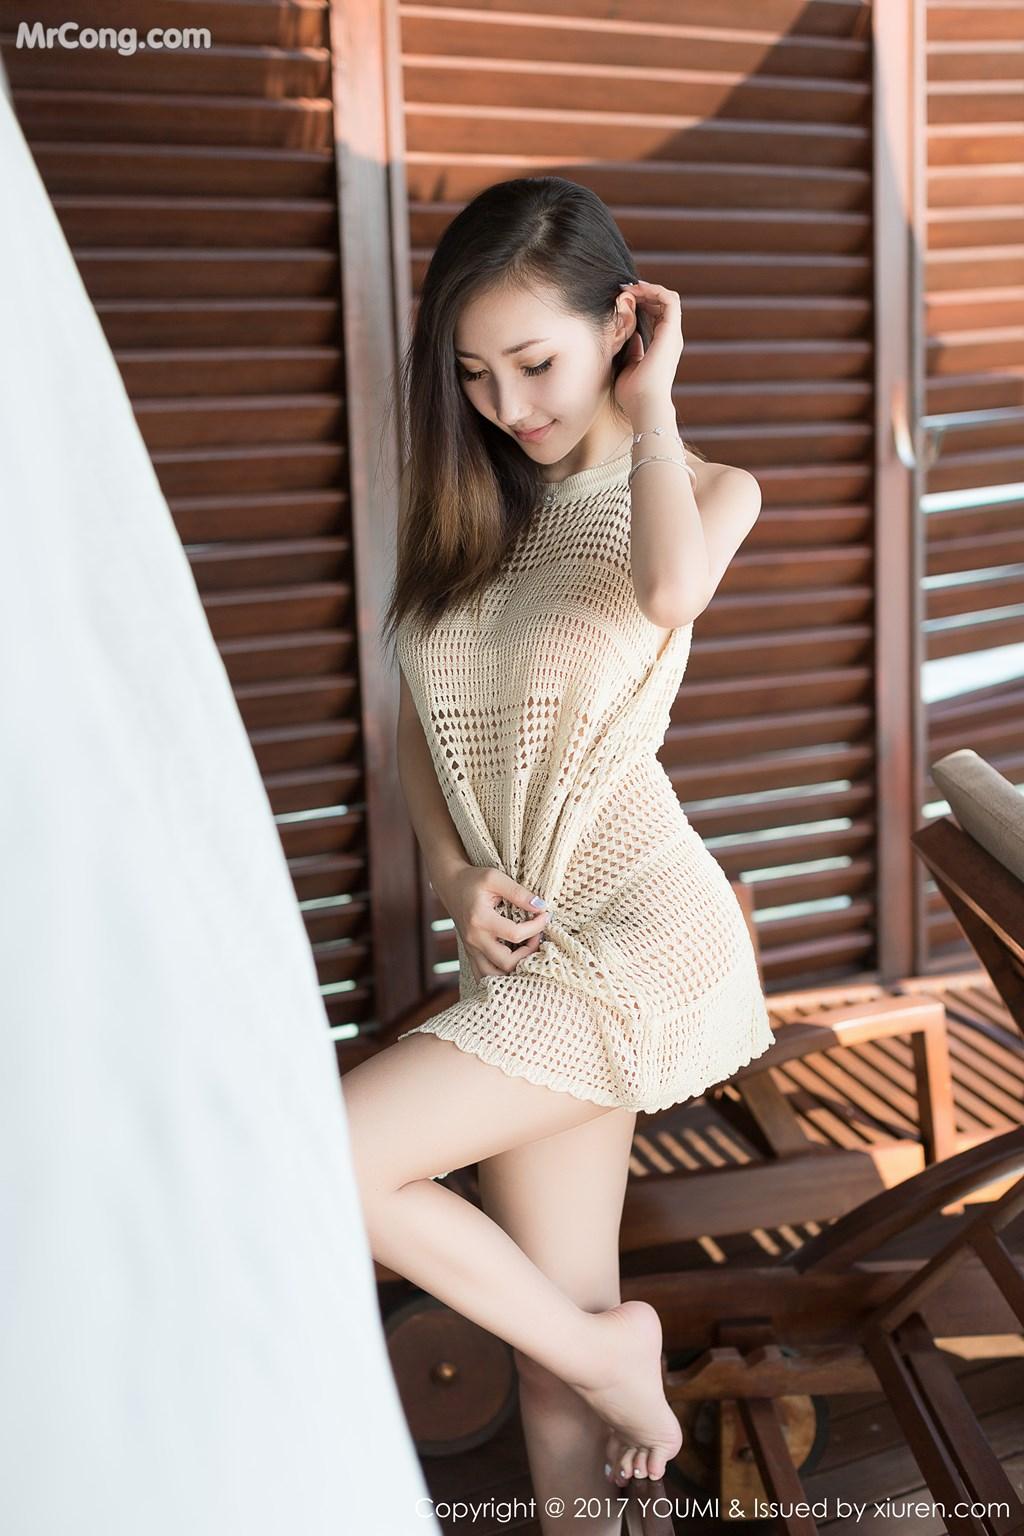 Image YouMi-Vol.100-Yumi-MrCong.com-002 in post YouMi Vol.100: Người mẫu Yumi (尤美) (42 ảnh)